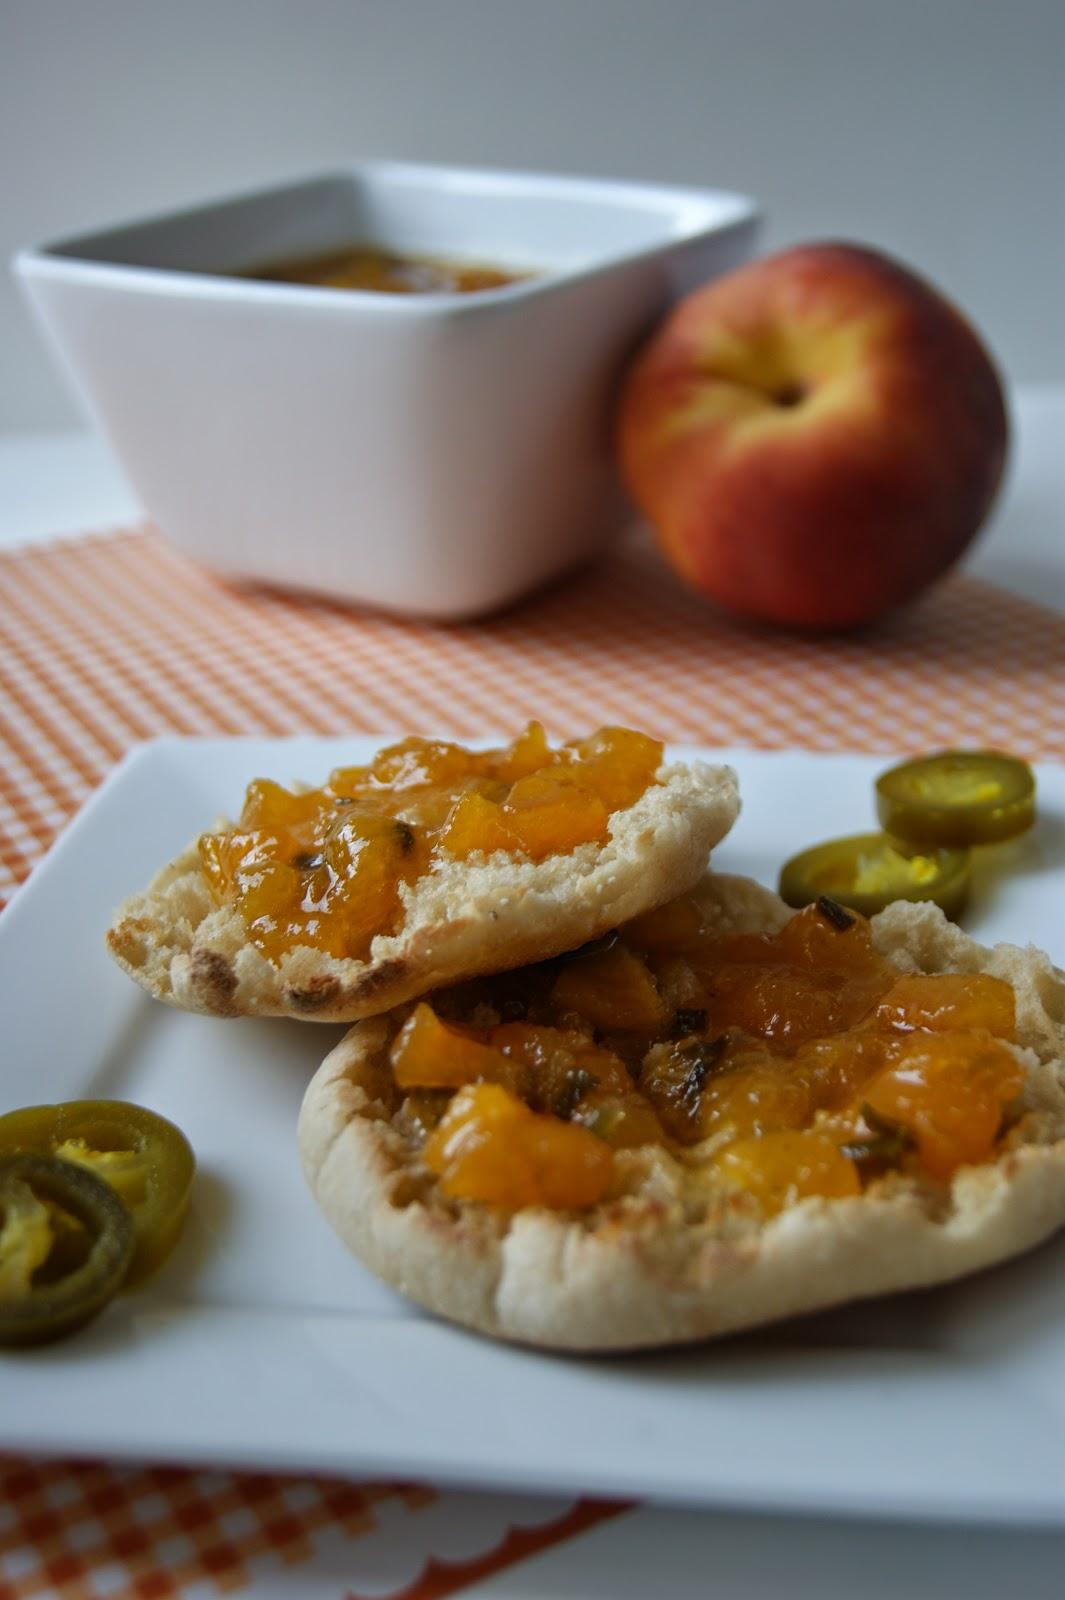 Peach Jalapeno Jam recipe